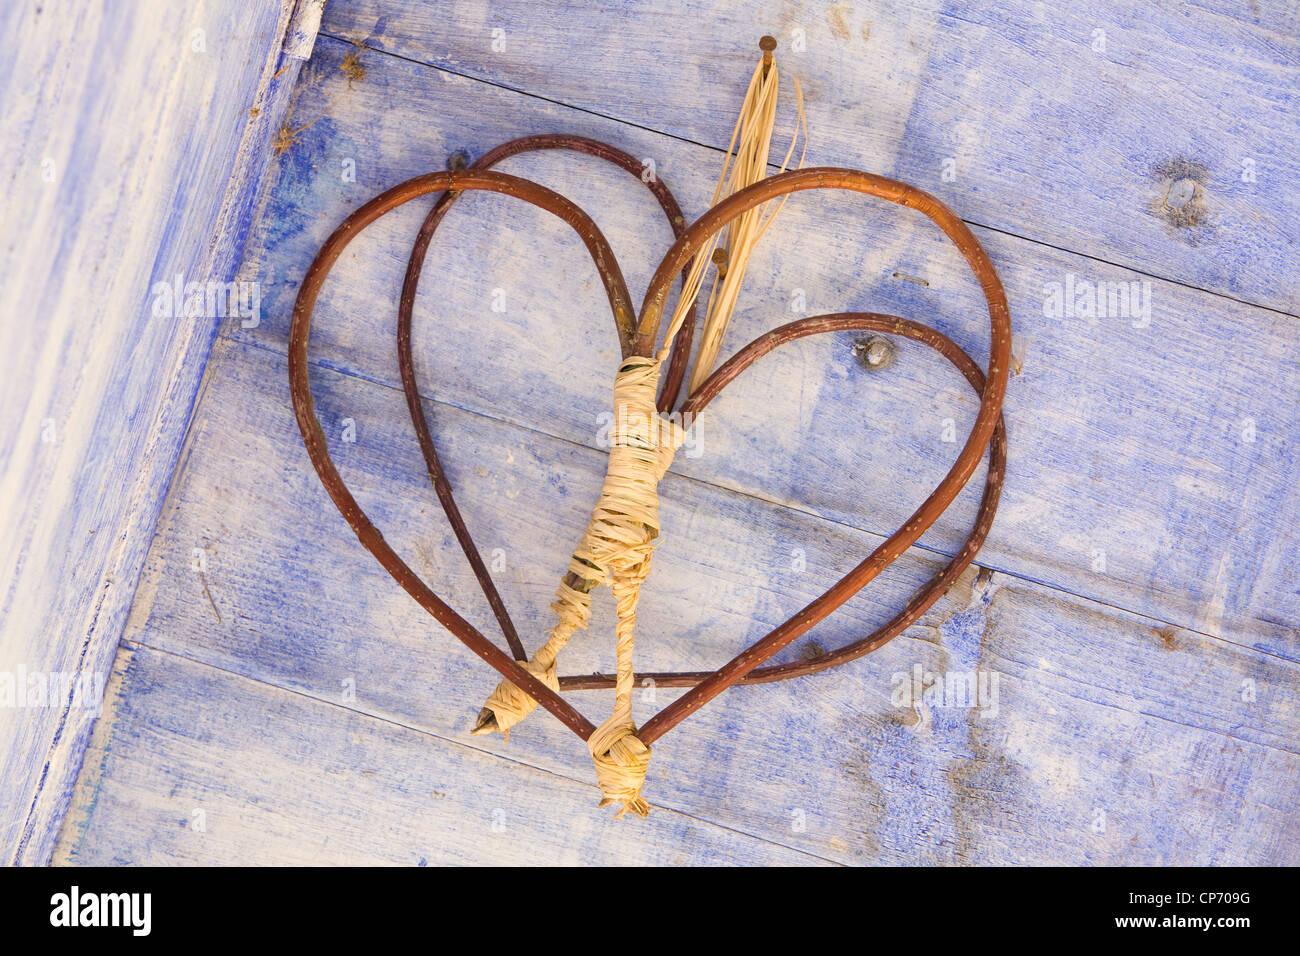 En bois faits à la main l'amour coeur dans un atelier de rempotage à RHS Garden Harlow Carr Photo Stock